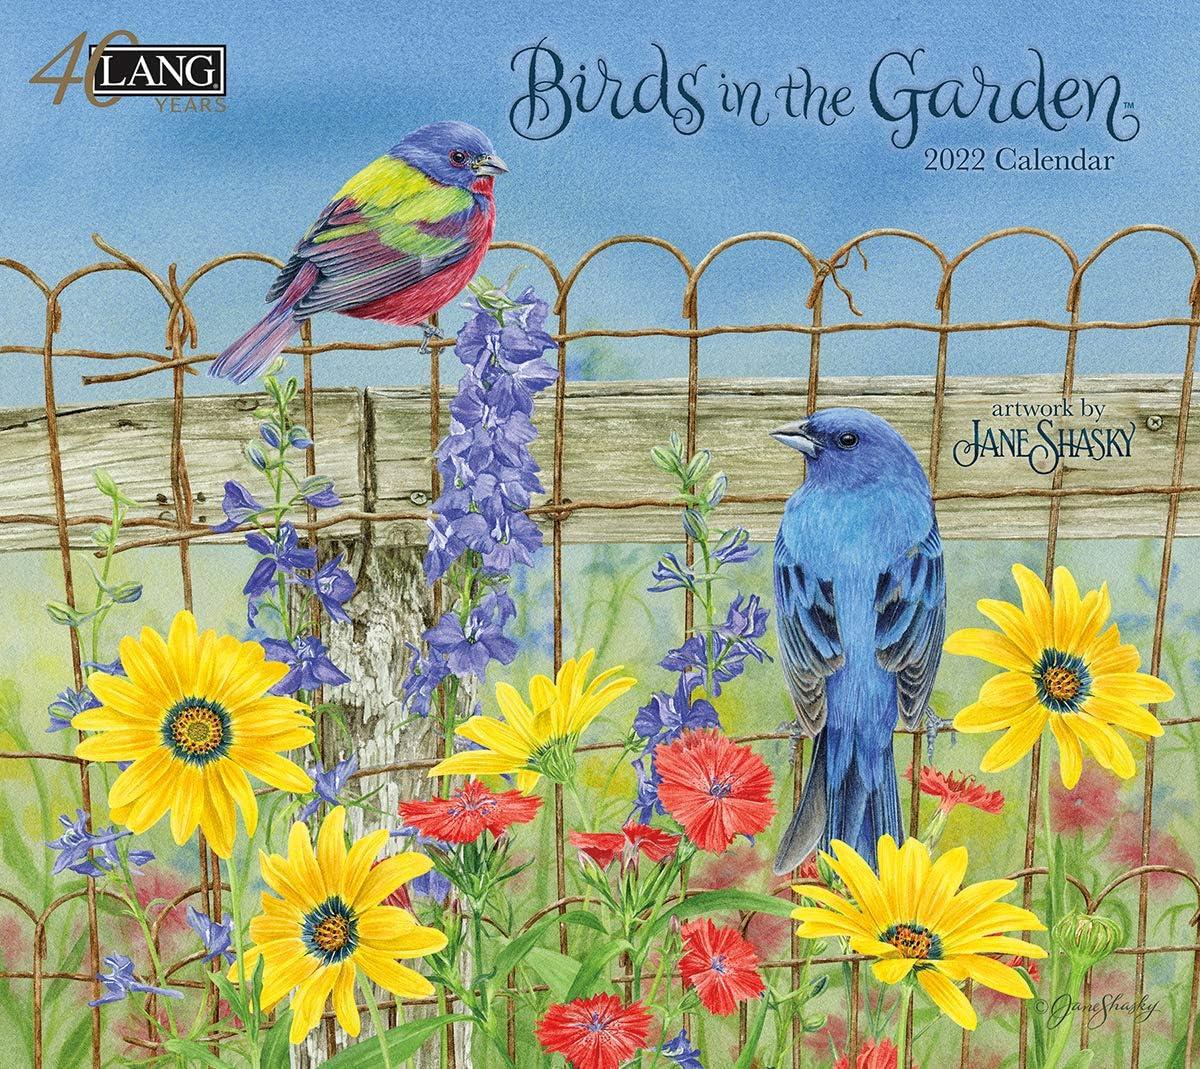 Lang Birds in The Garden 2022 Wall Calendar (22991001895)